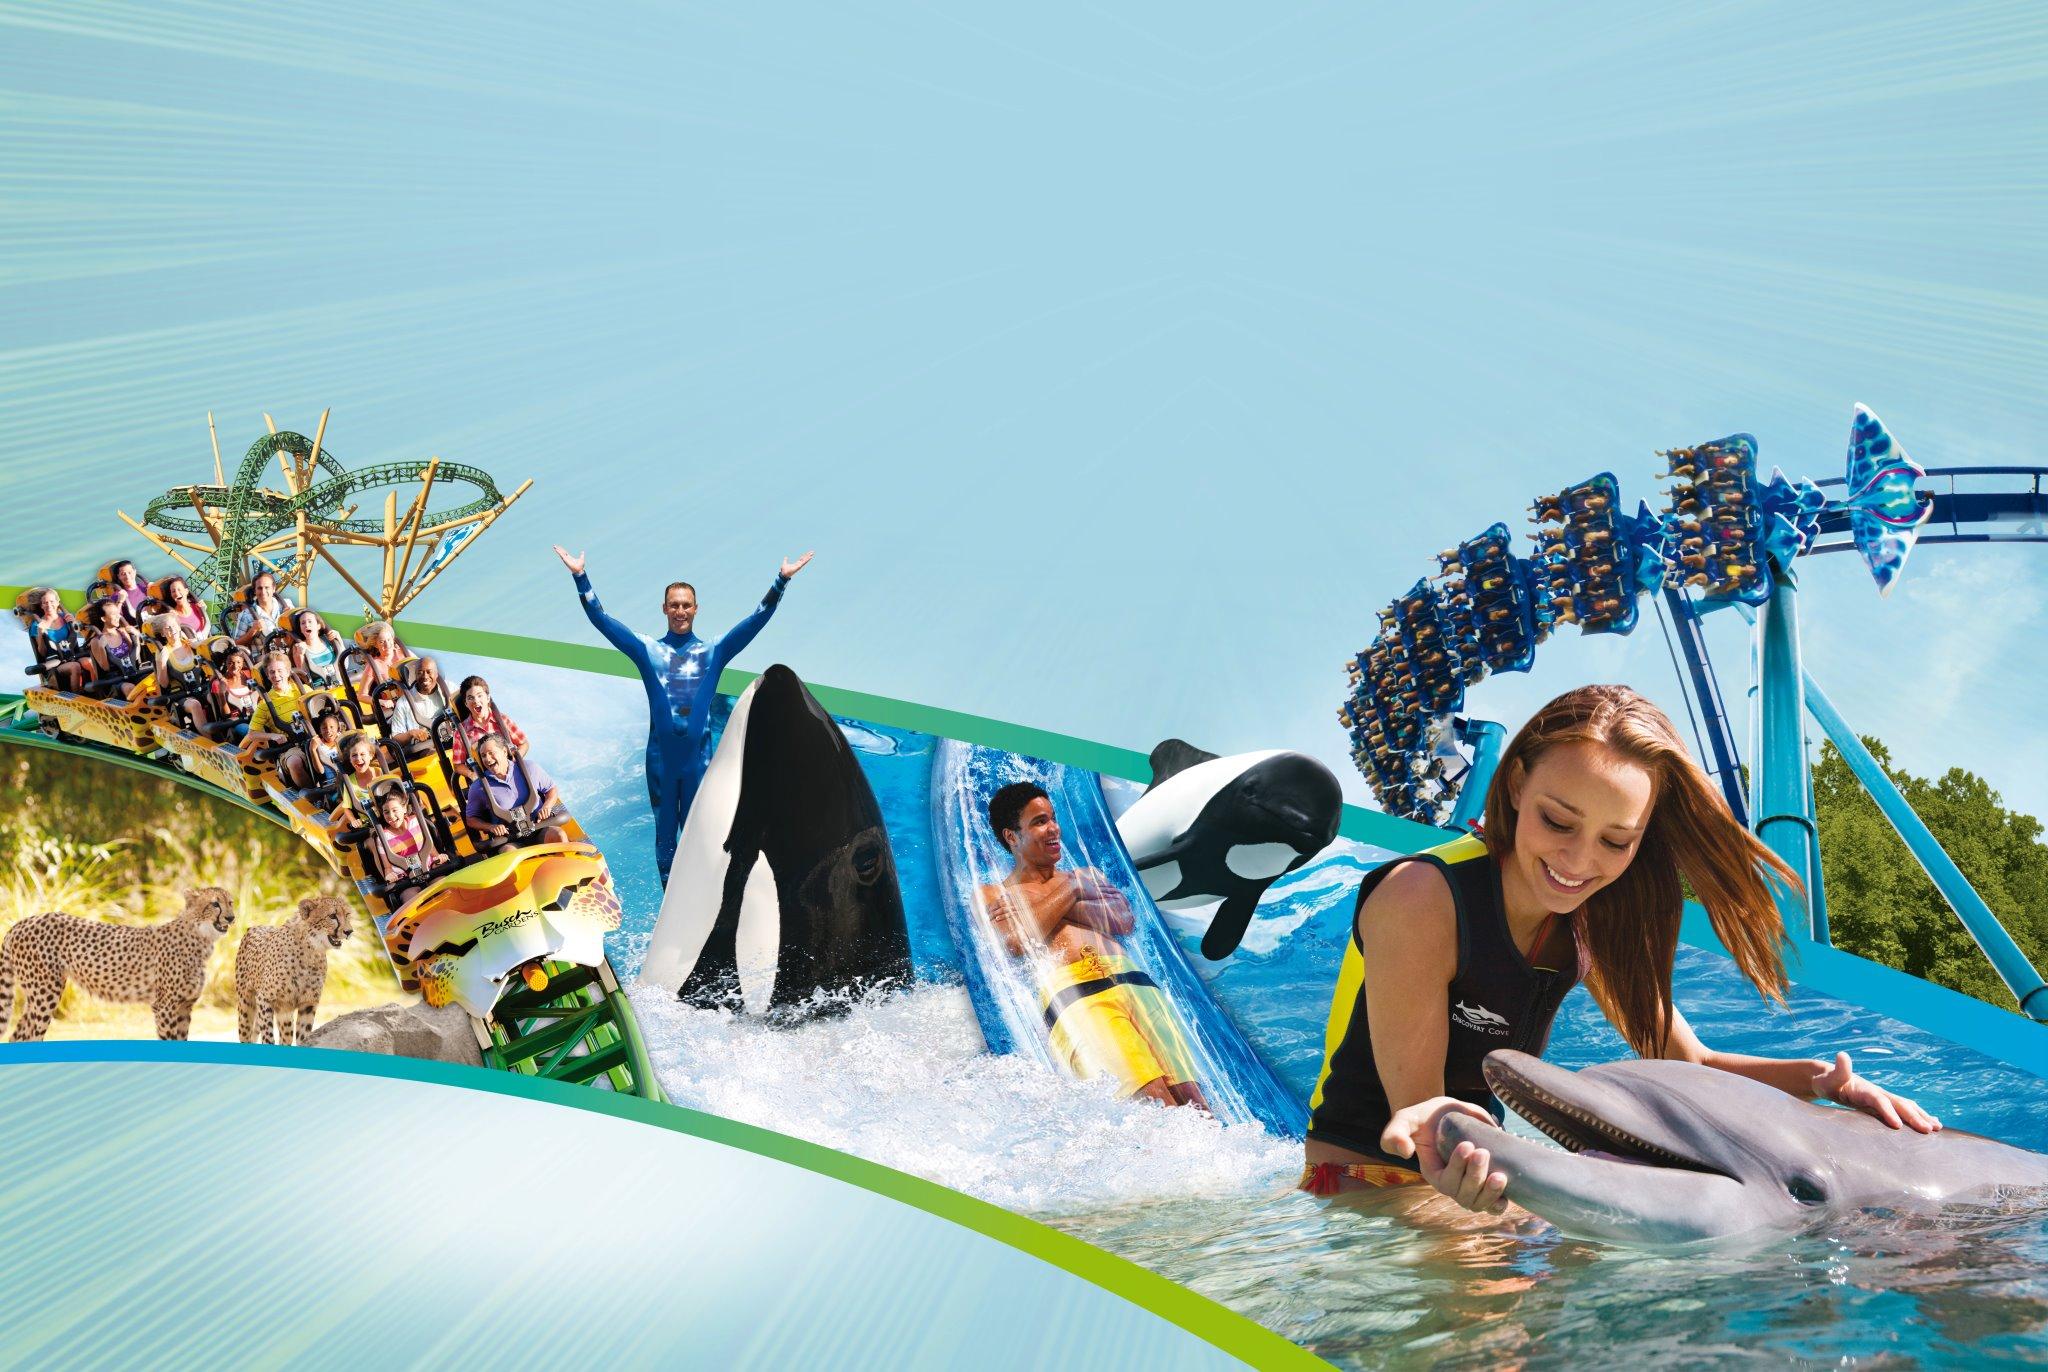 SeaWorld Orlando anuncia agenda de eventos e festivais para 2015